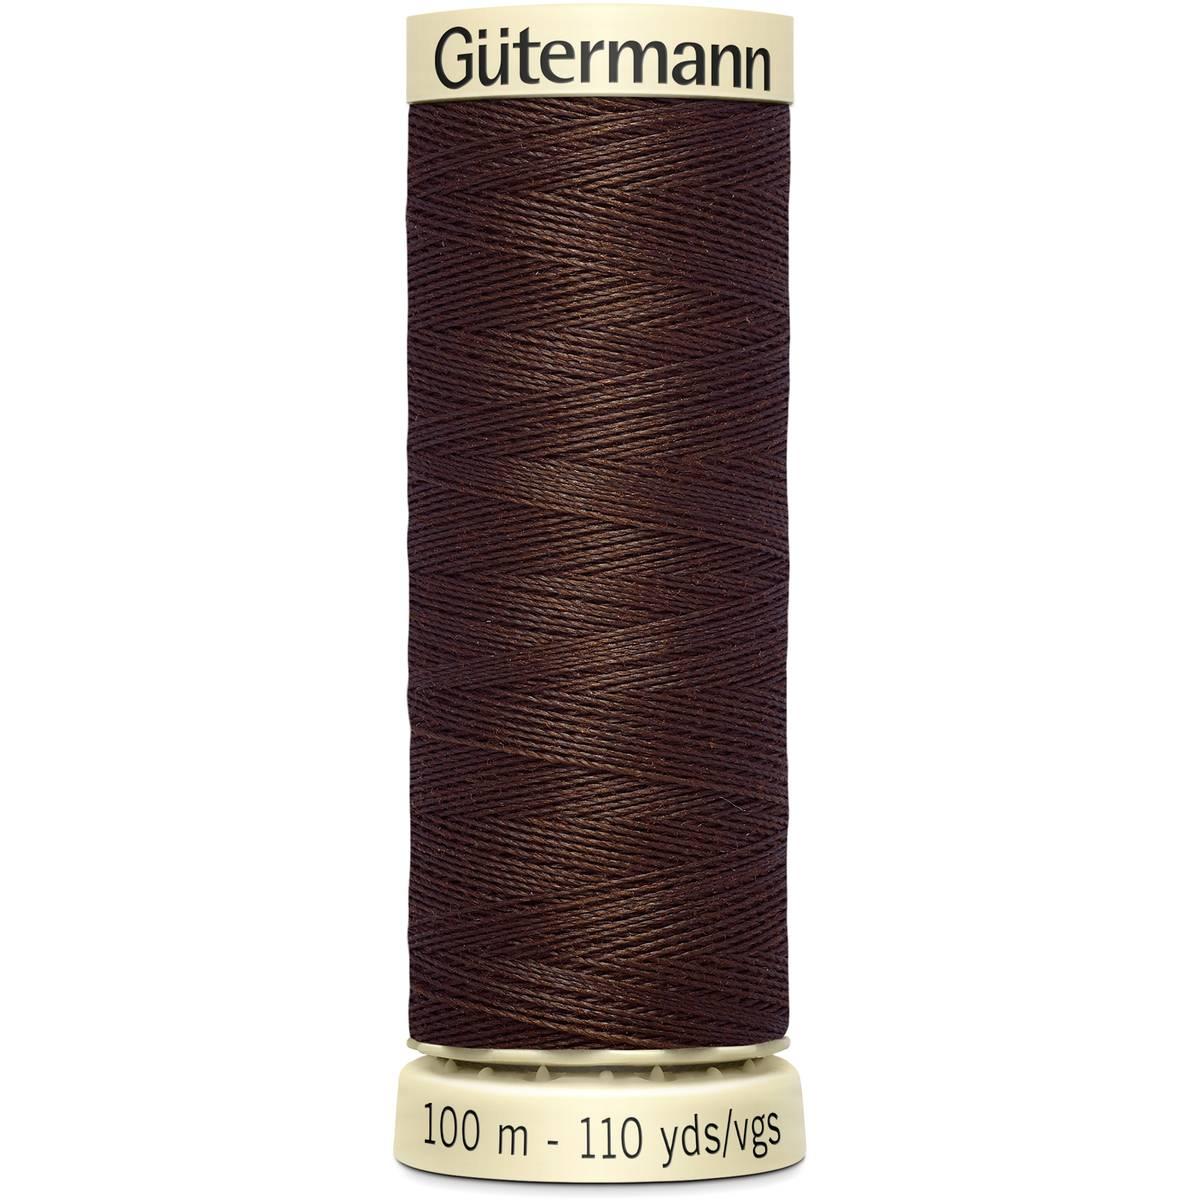 חוט תפירה גוטרמן - Brown 694